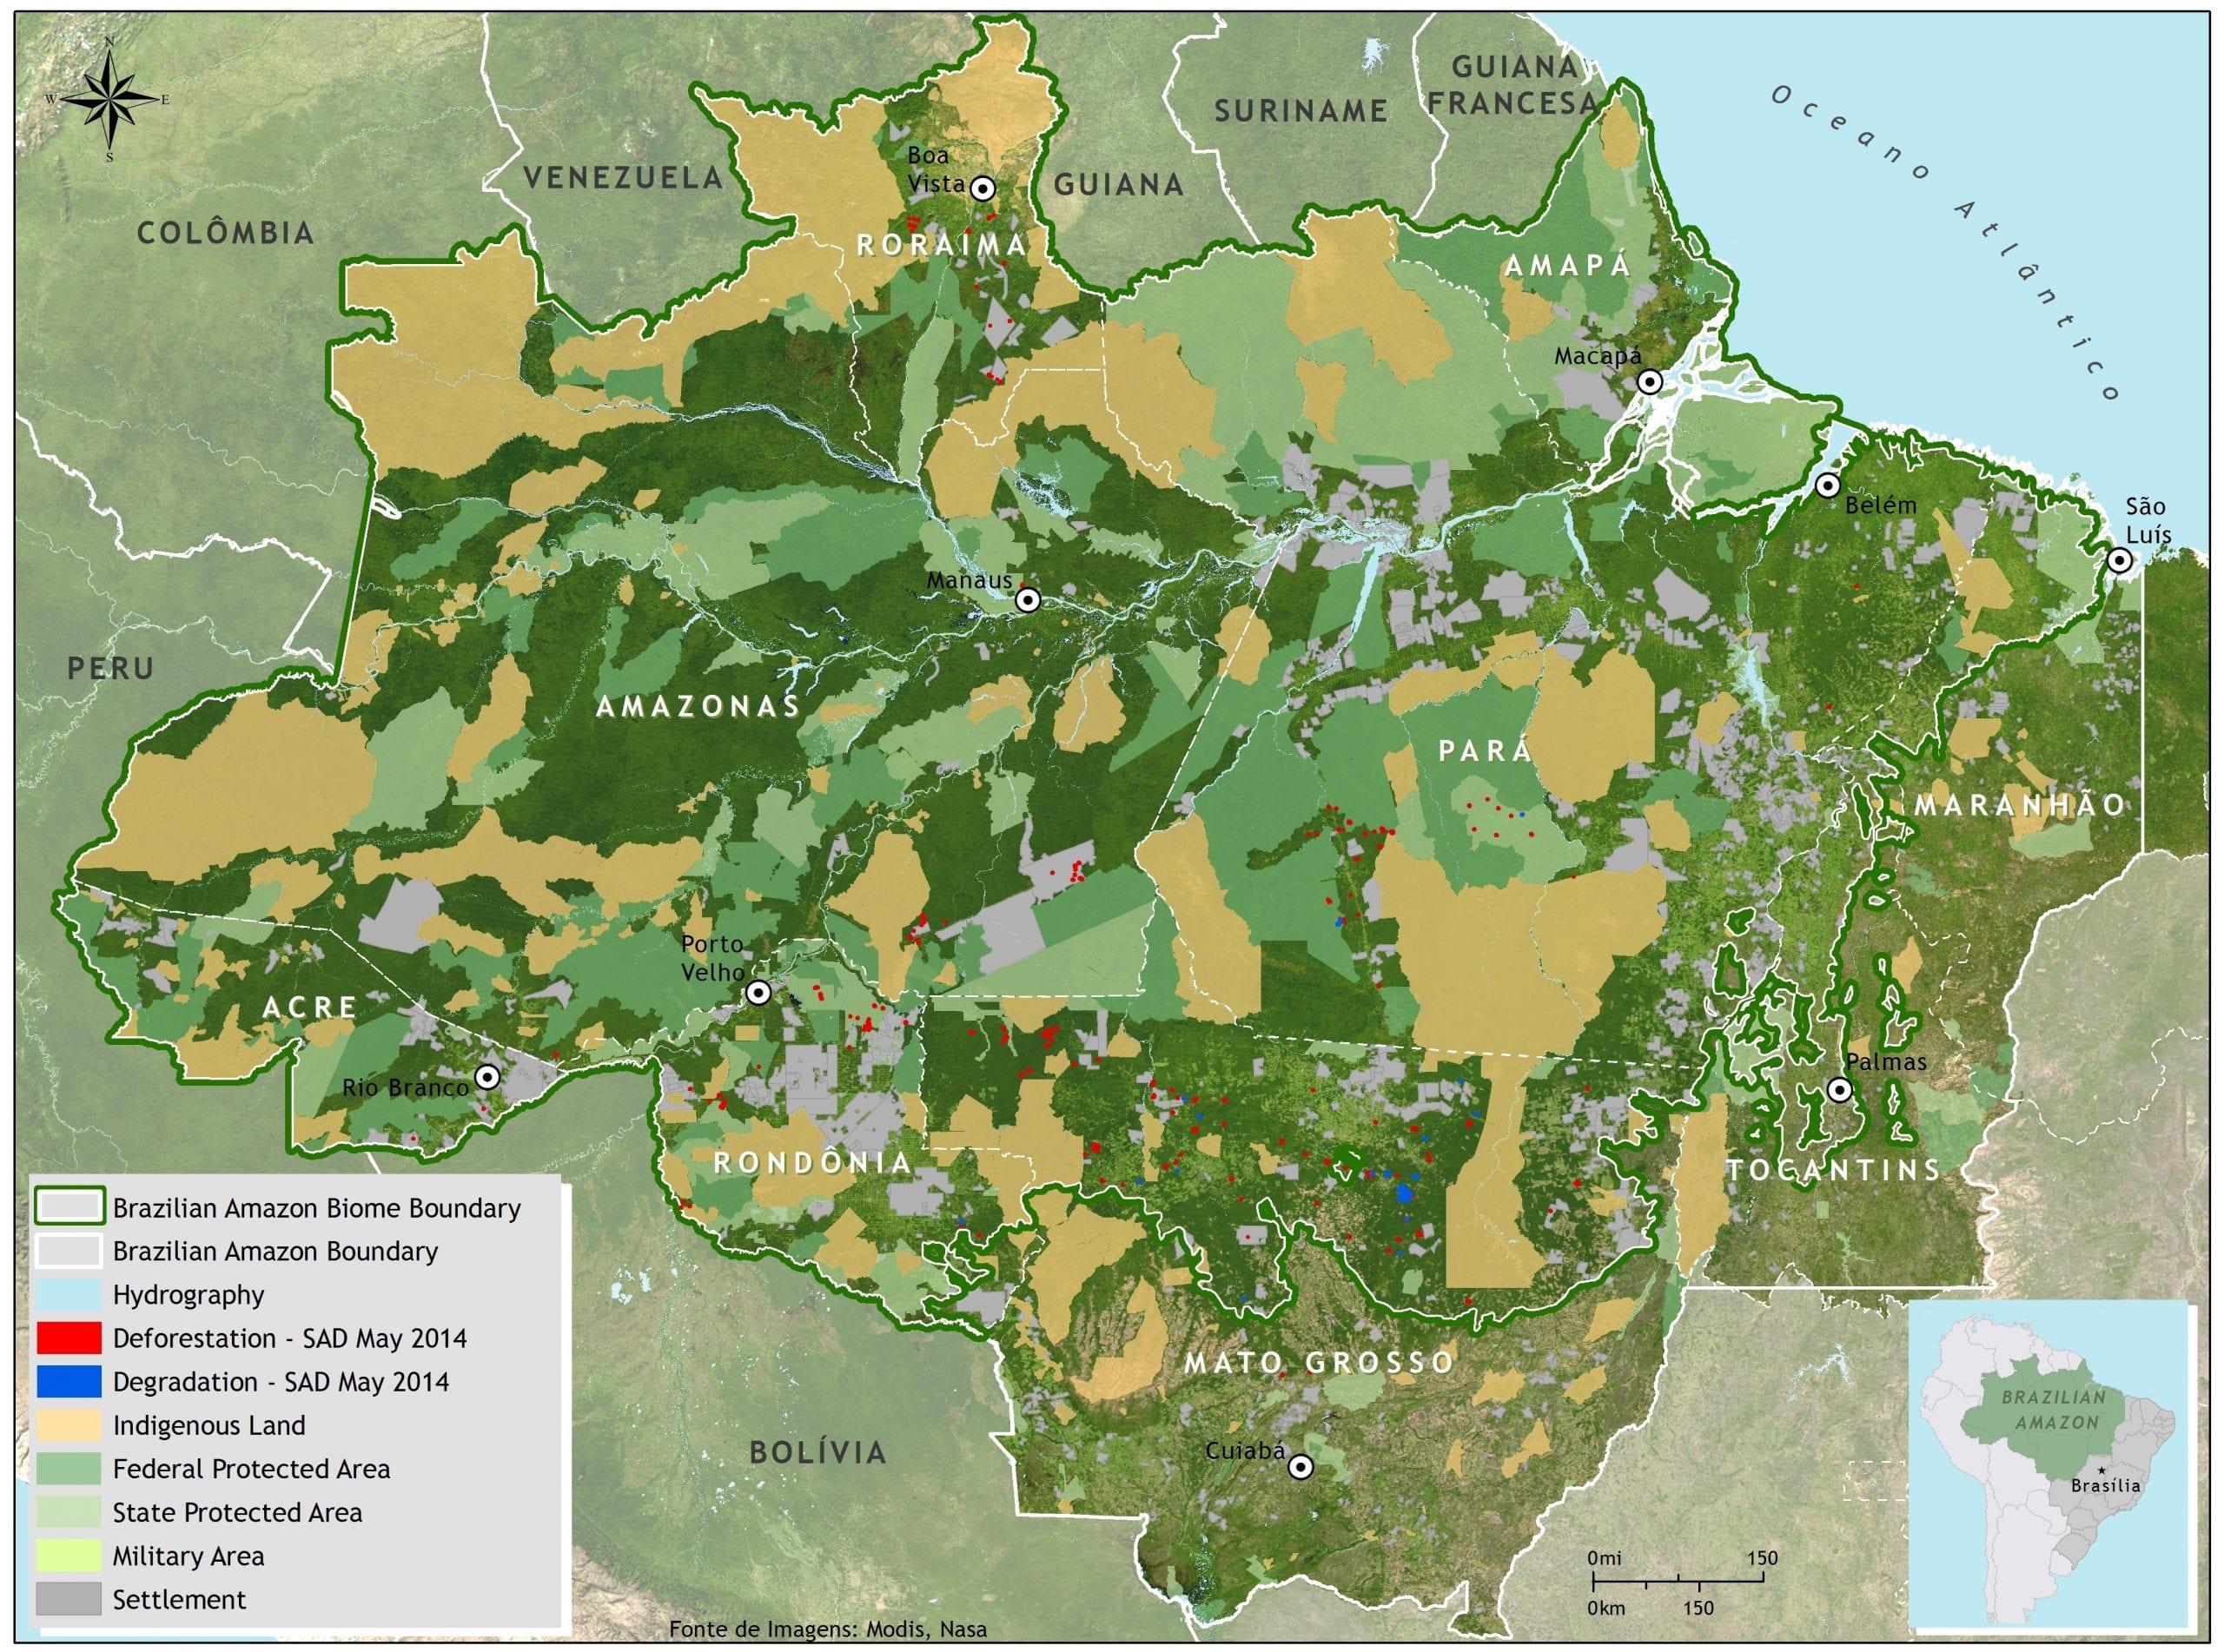 mapa2 - Municípios embargados (prioritários) e fora da lista (desmatamento monitorado) de maiores desmatadores da Amazônia elaborada pelo Ministério do meio Ambiente. Fonte: MMA.